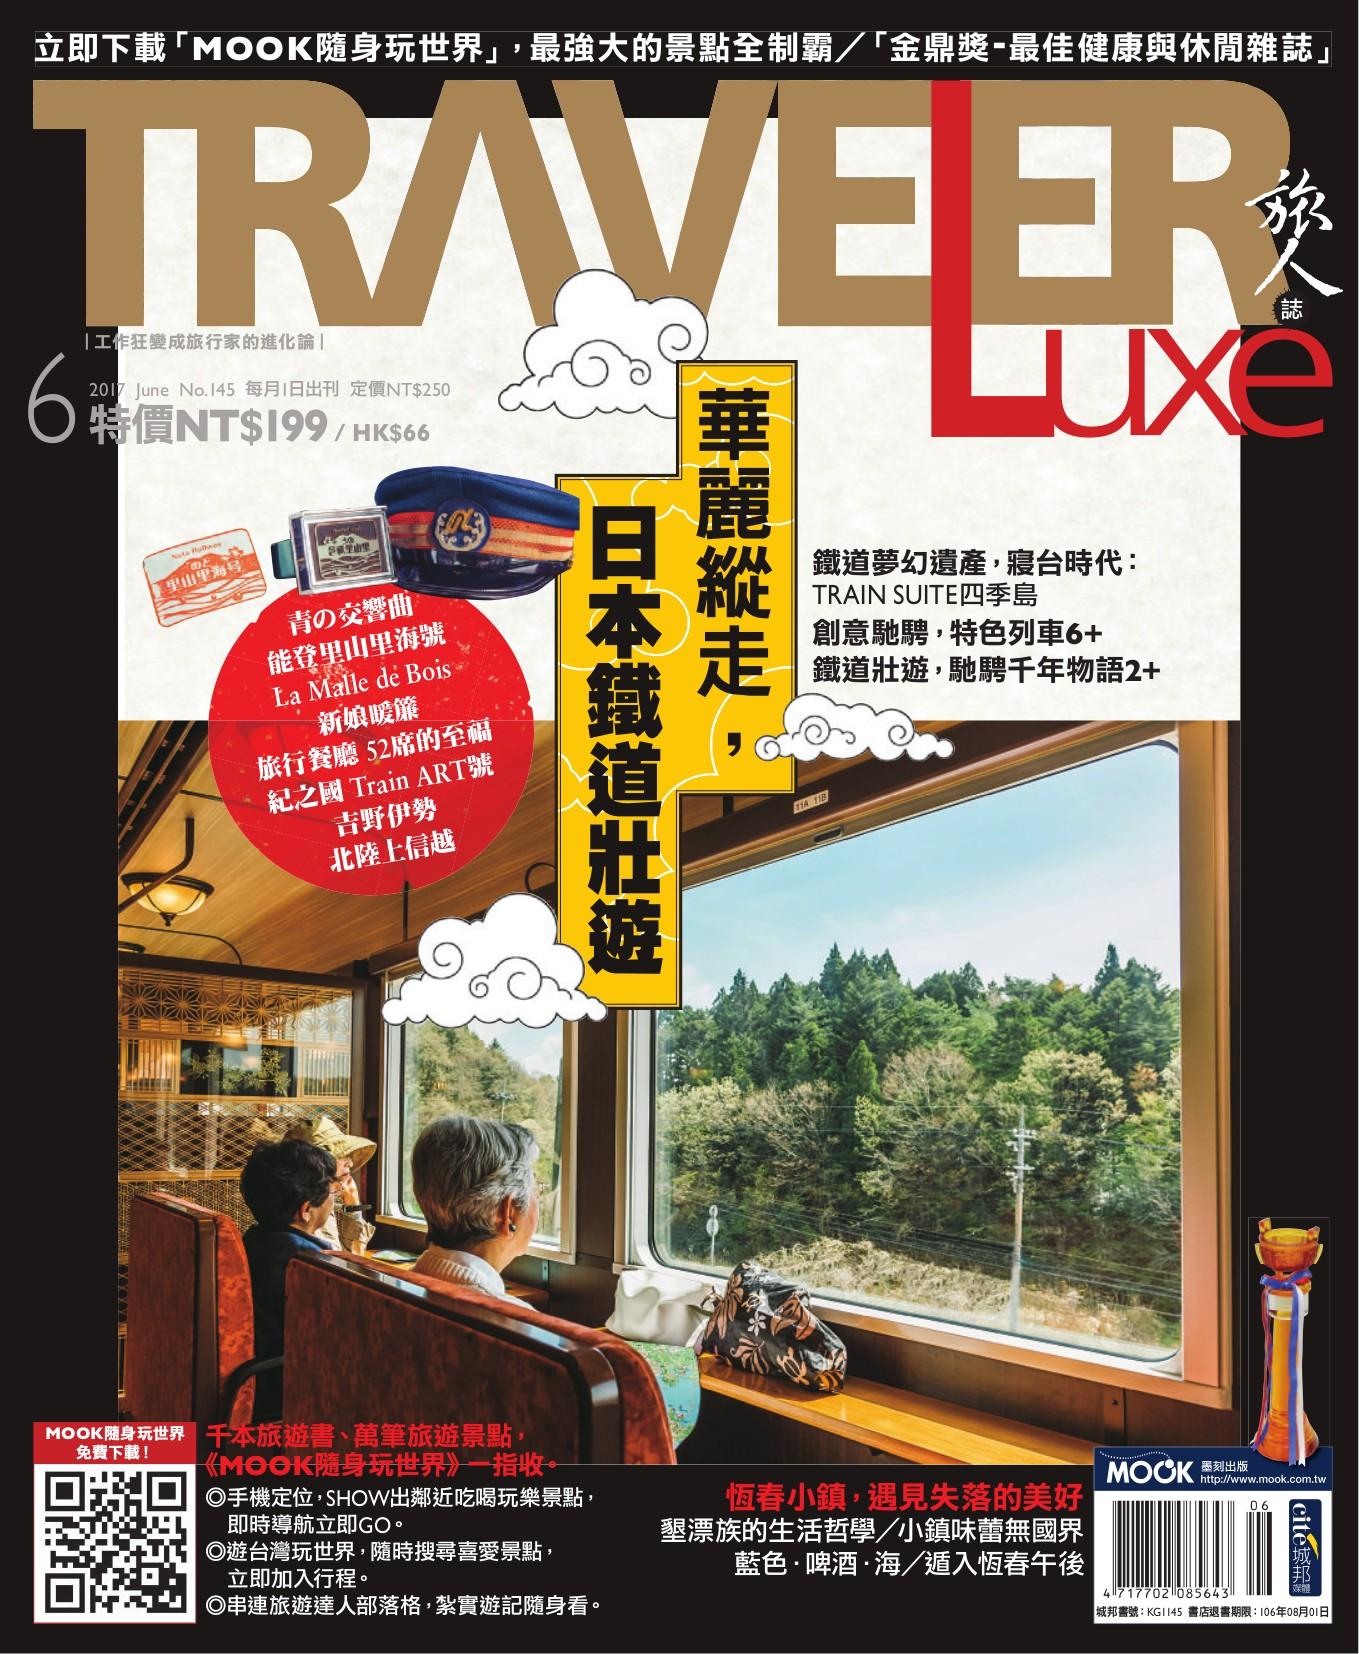 另開新視窗呈現 TRAVELER Luxe 旅人誌 145 封面